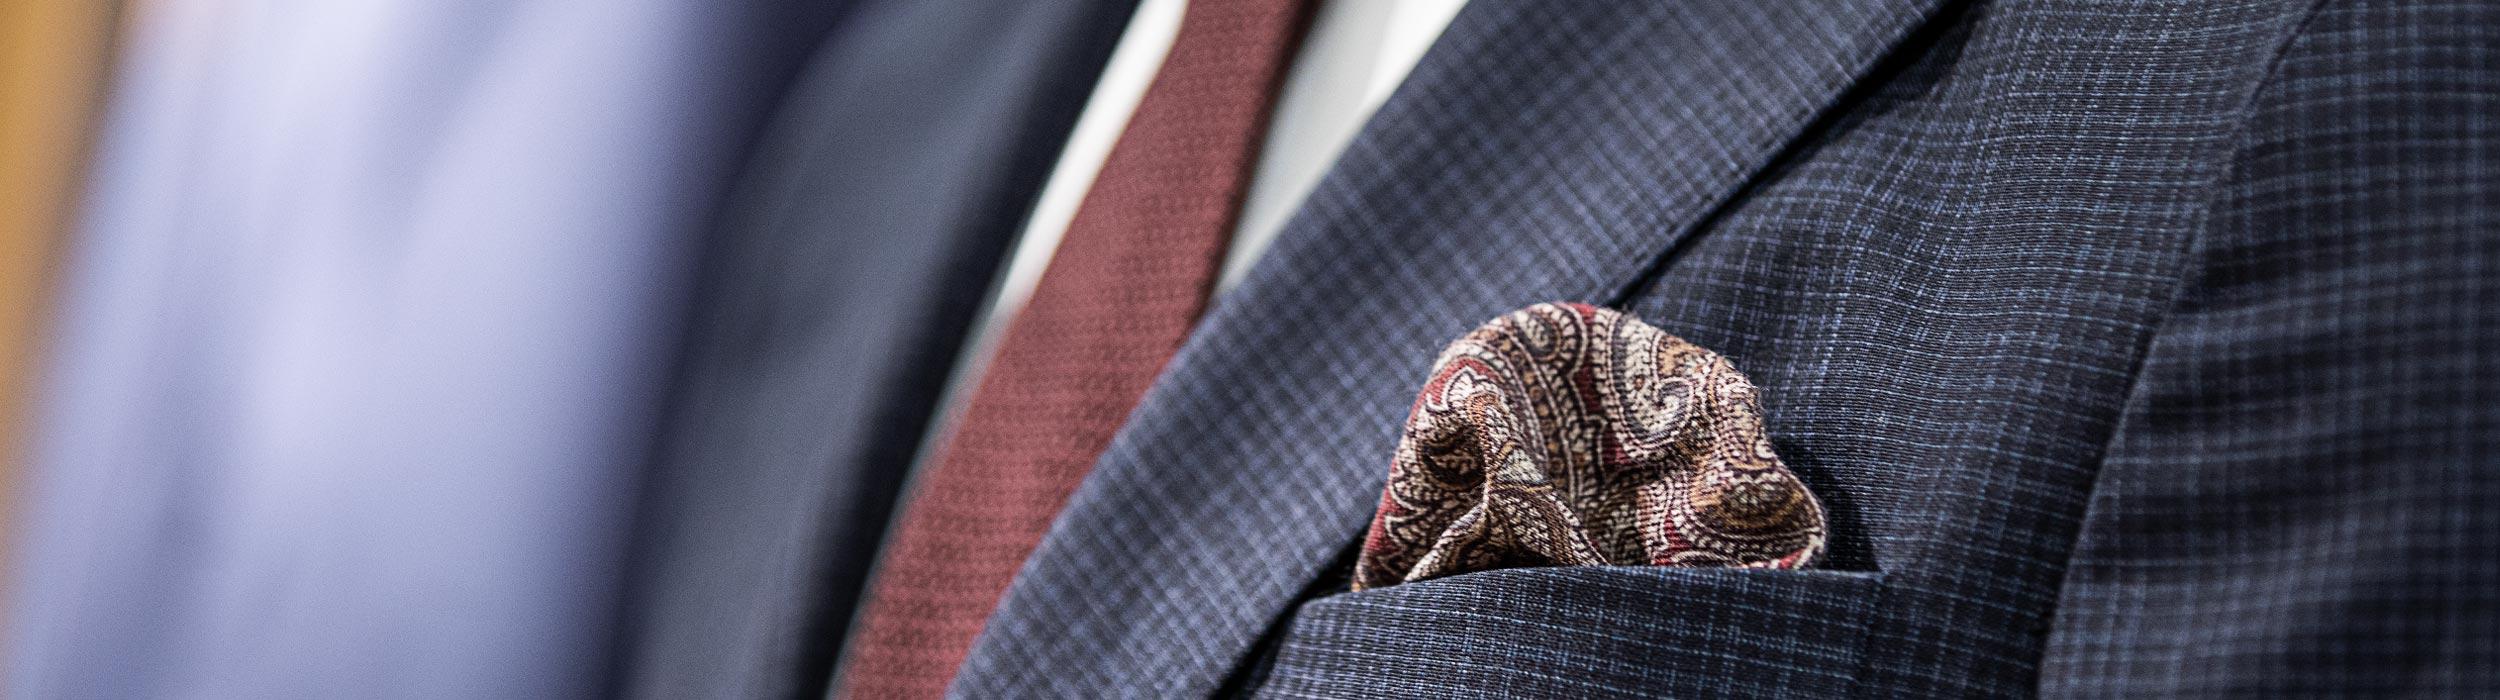 Med stil och kvalitet i fokus hos oss på Tremark Herrmode